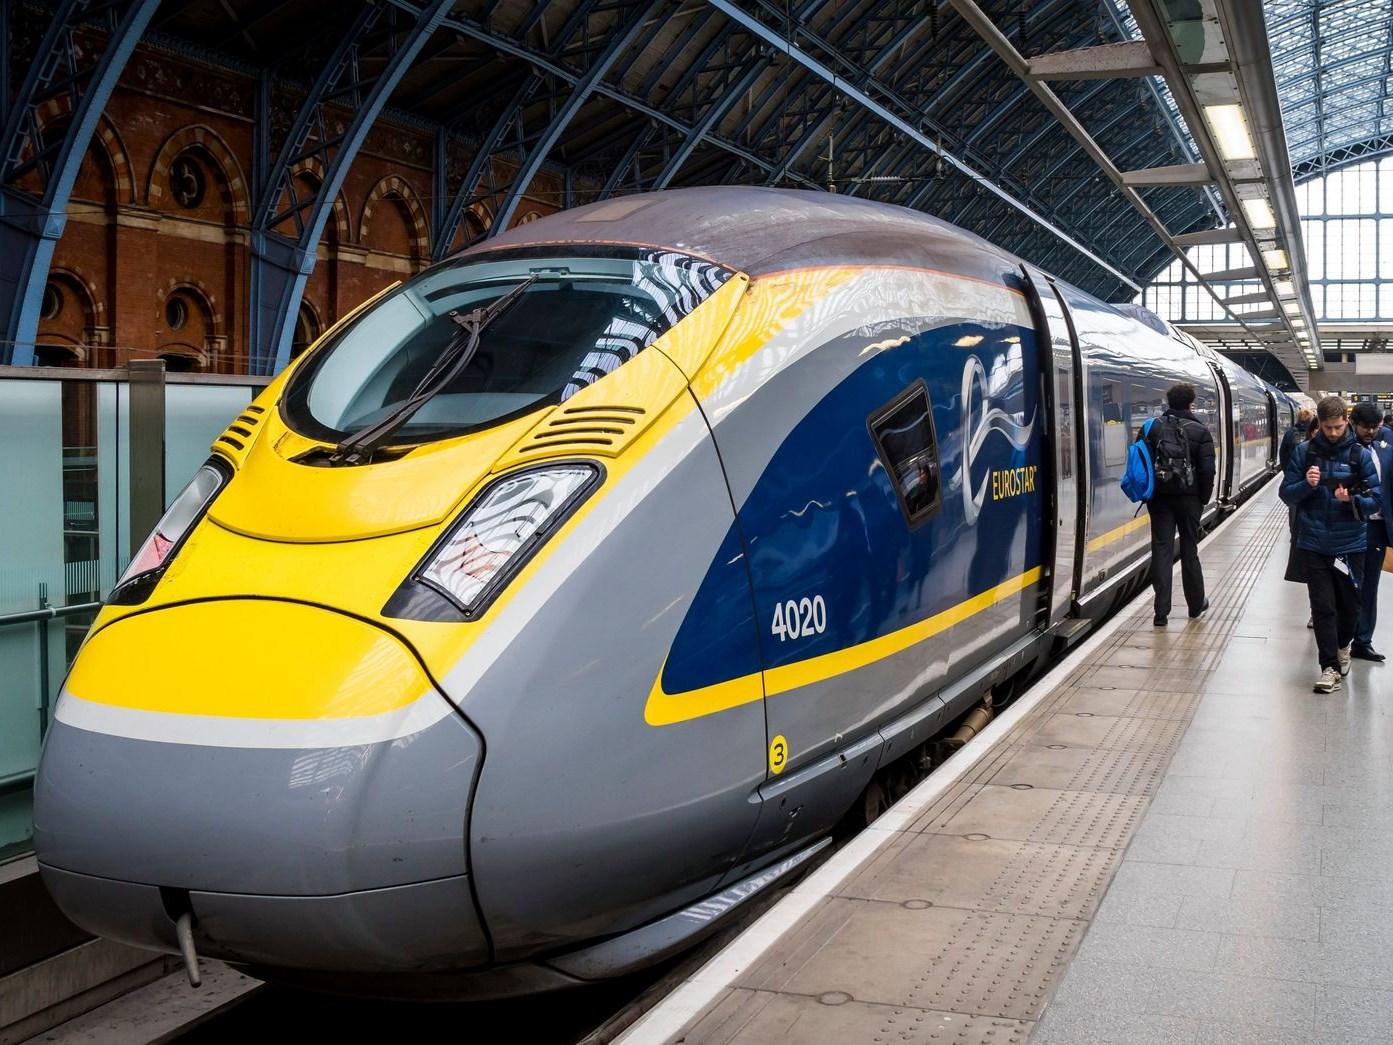 'Europa kan spoorvervoer aantrekkelijker maken en zo korte vluchten verminderen'